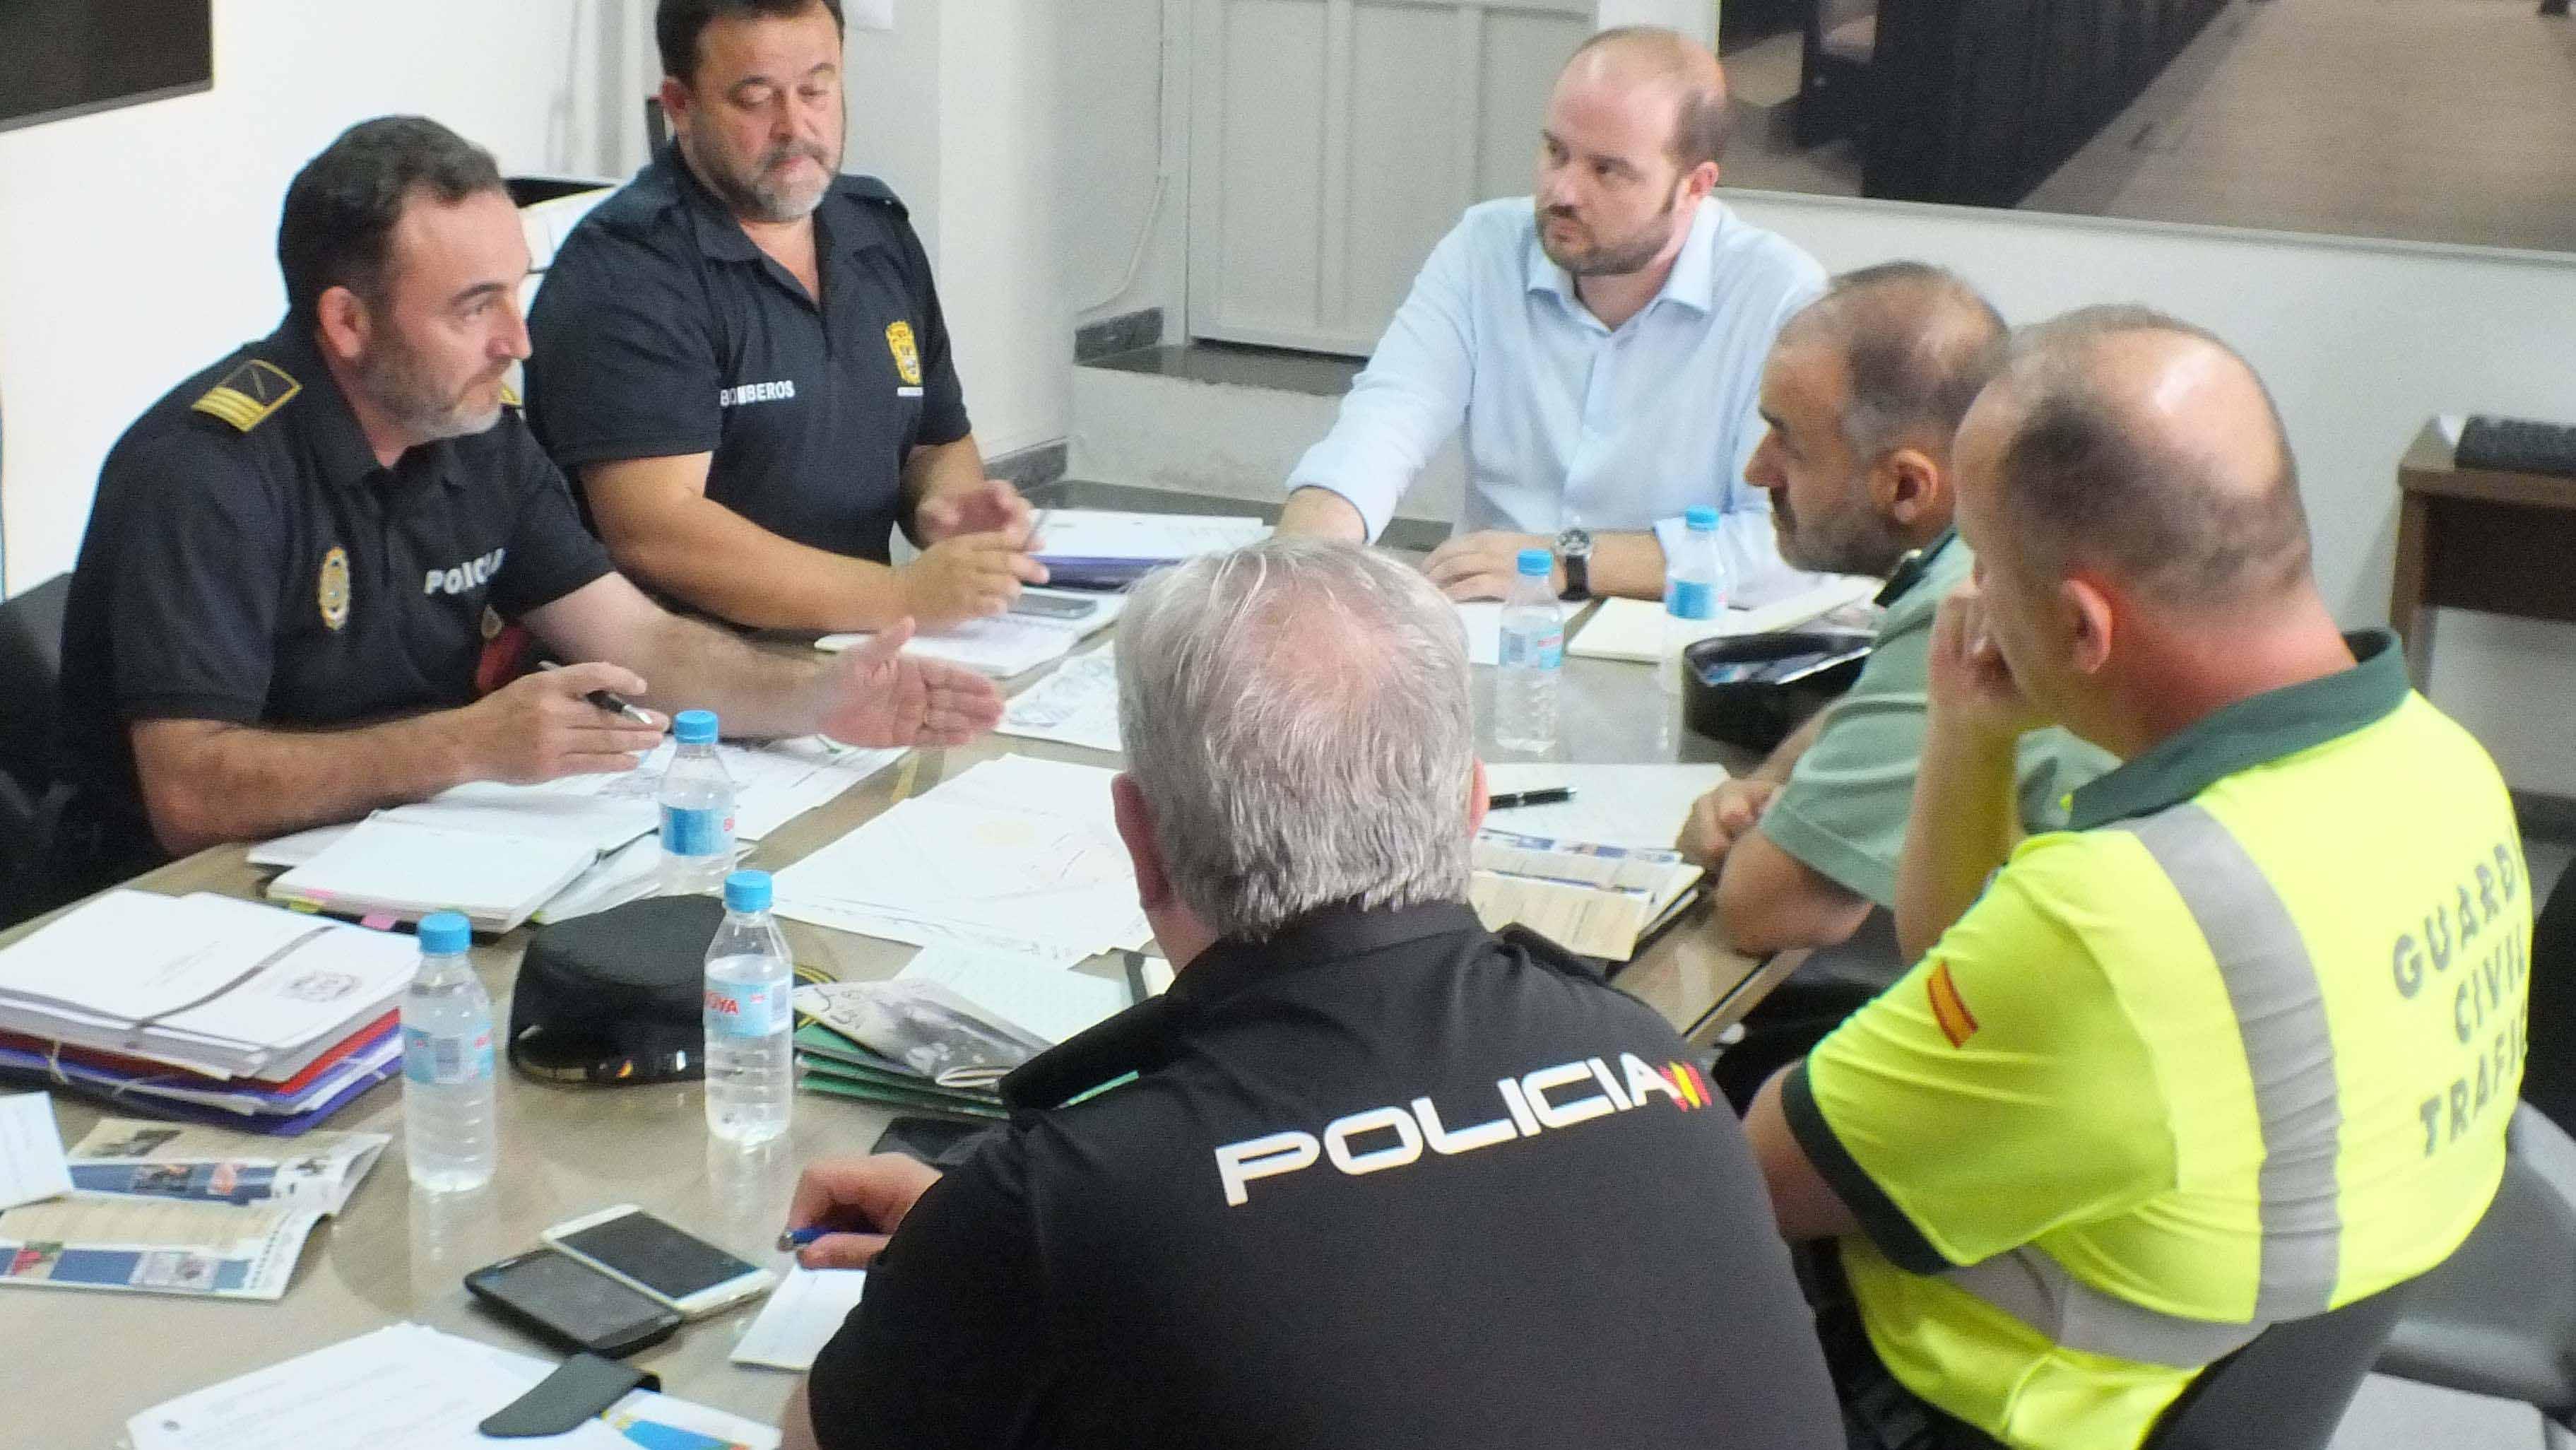 En 2017 se cometieron en Utrera un total de 2.153 delitos